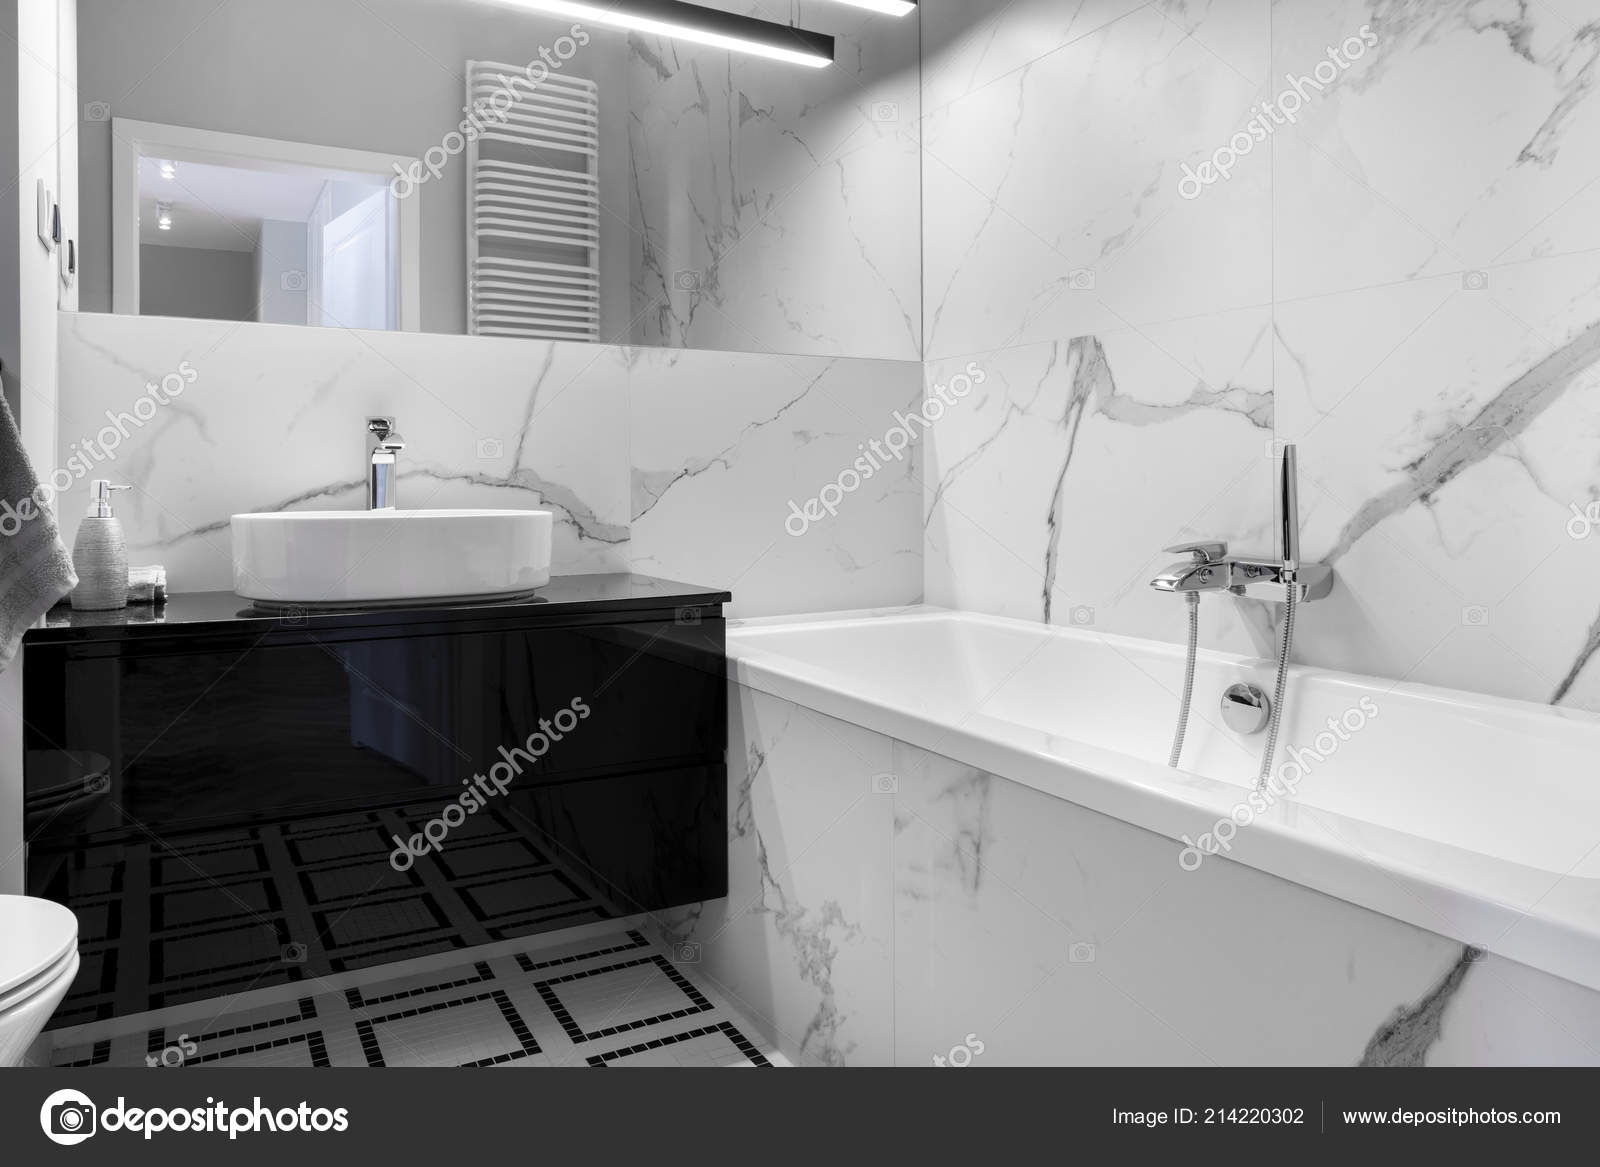 Salle De Bains Moderne Avec Finition En Marbre Noir Et Blanc Style U2014 Image  De ...